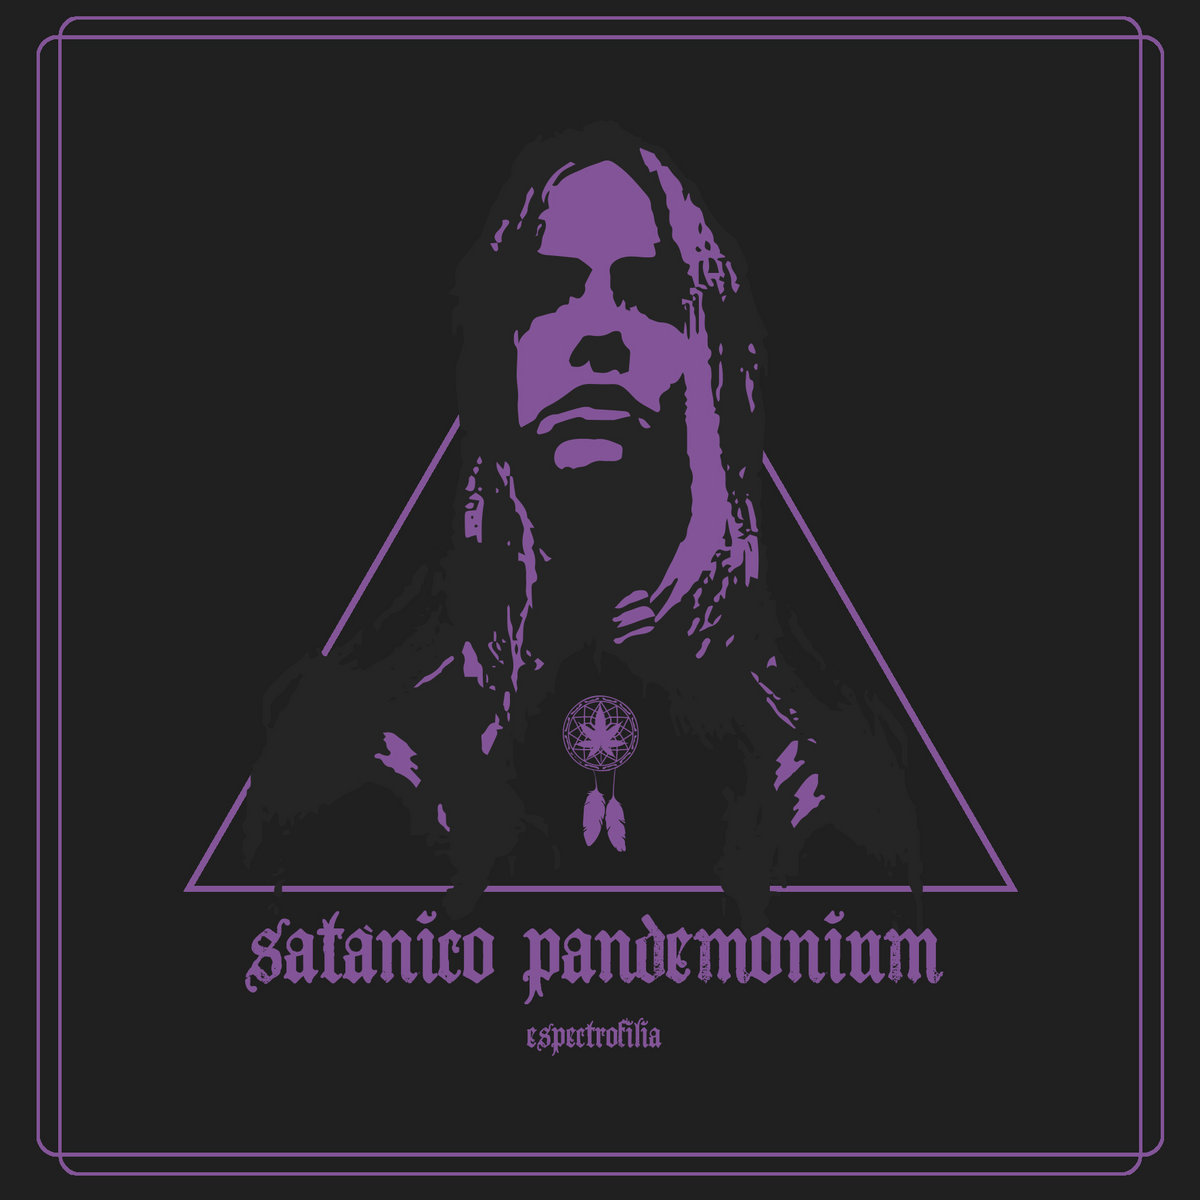 satanico pandemonium espectrofilia